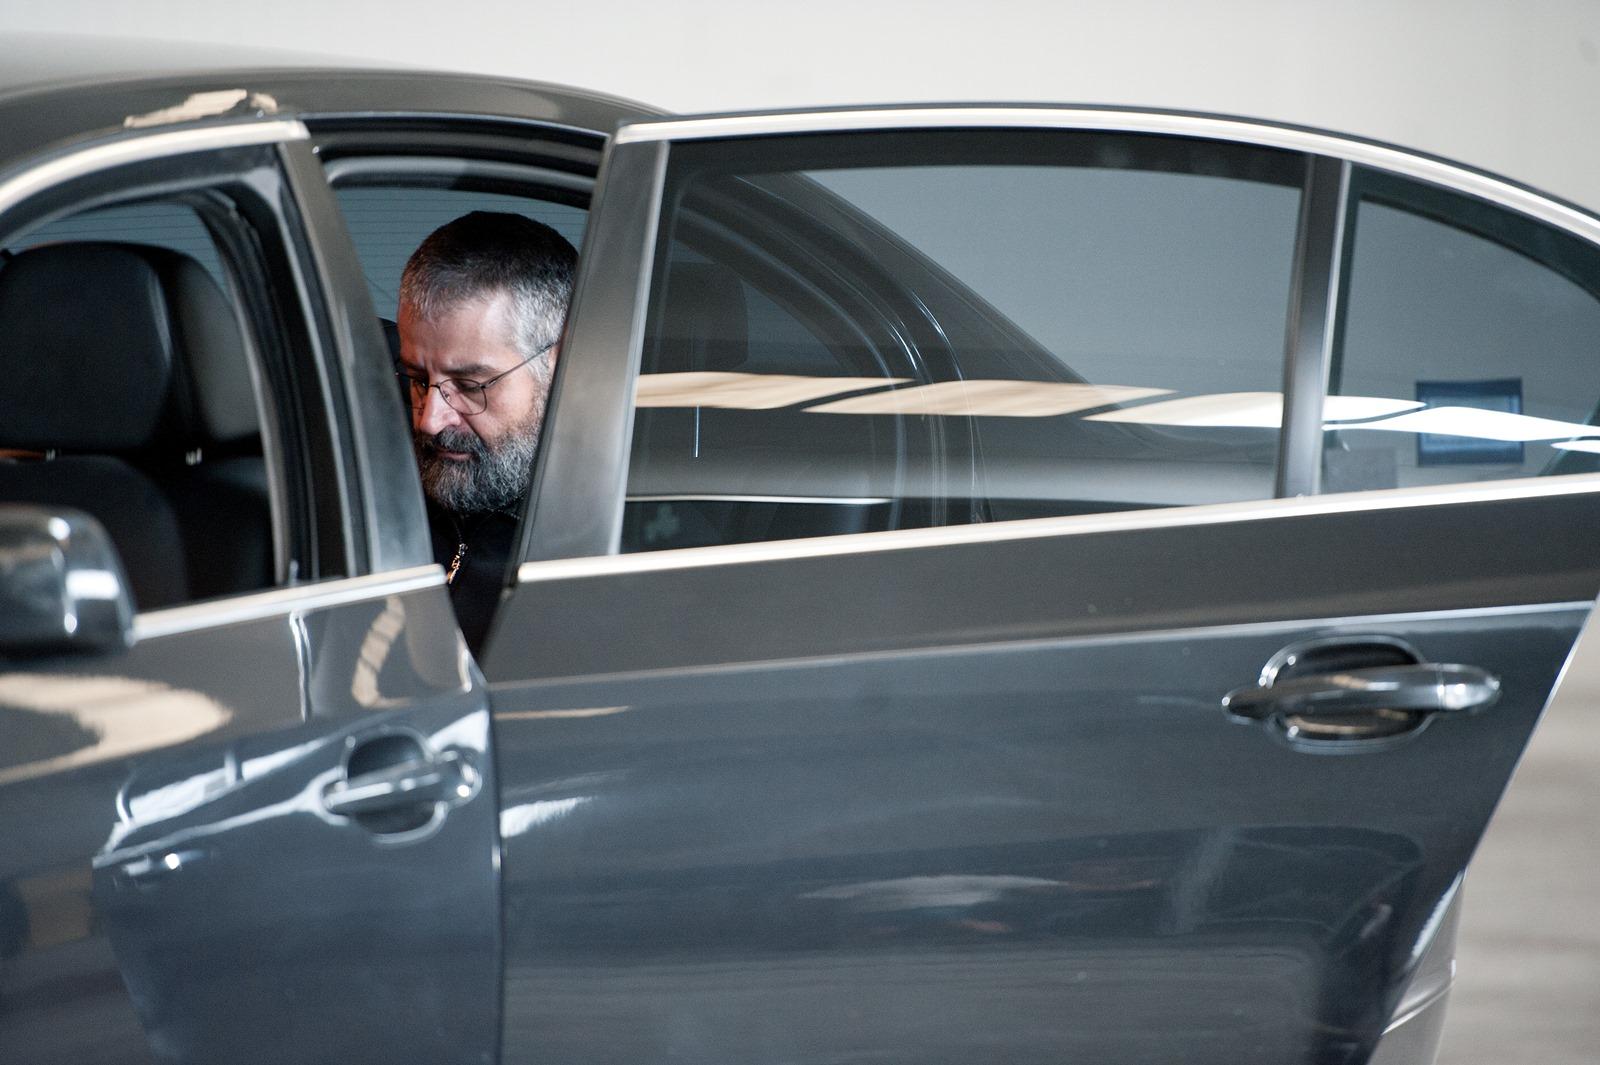 Gomorra - La serie: l'attore Fortunato Cerlino sul set della seconda stagione